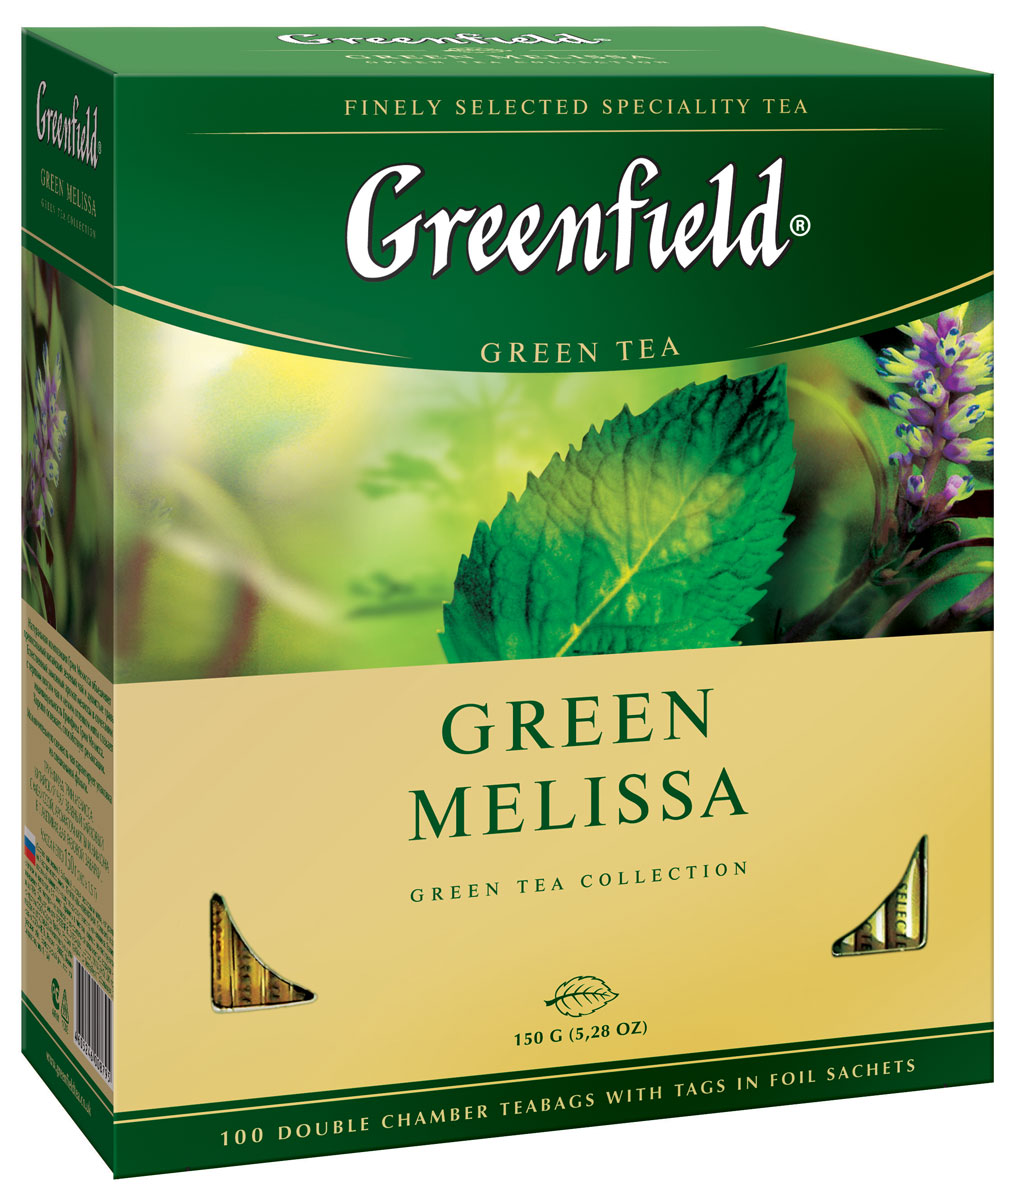 Greenfield Green Melissa зеленый чай в пакетиках, 100 шт greenfield jasmine dream зеленый ароматизированный листовой чай 200 г